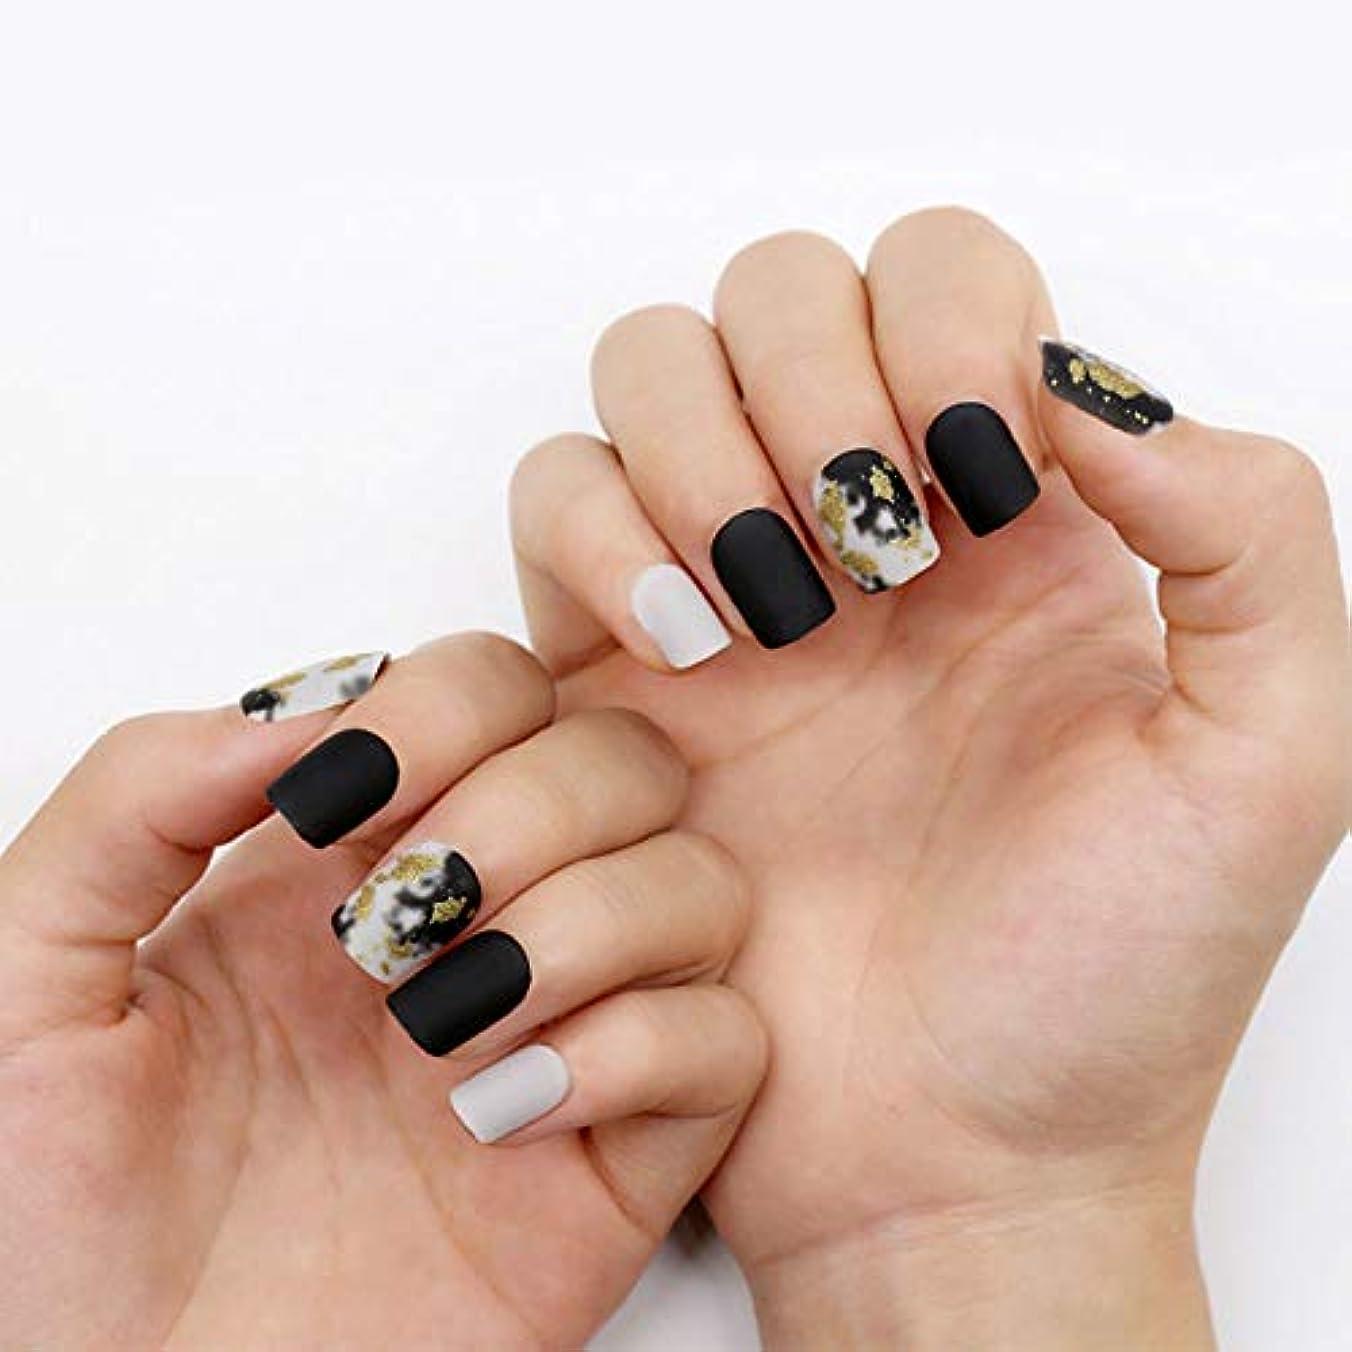 予言するキャスト溶けるネイルチップ 12サイズ 夏の 優雅 黒 つけ爪 ネイル用品 ショート デコレーション 無地 付け爪